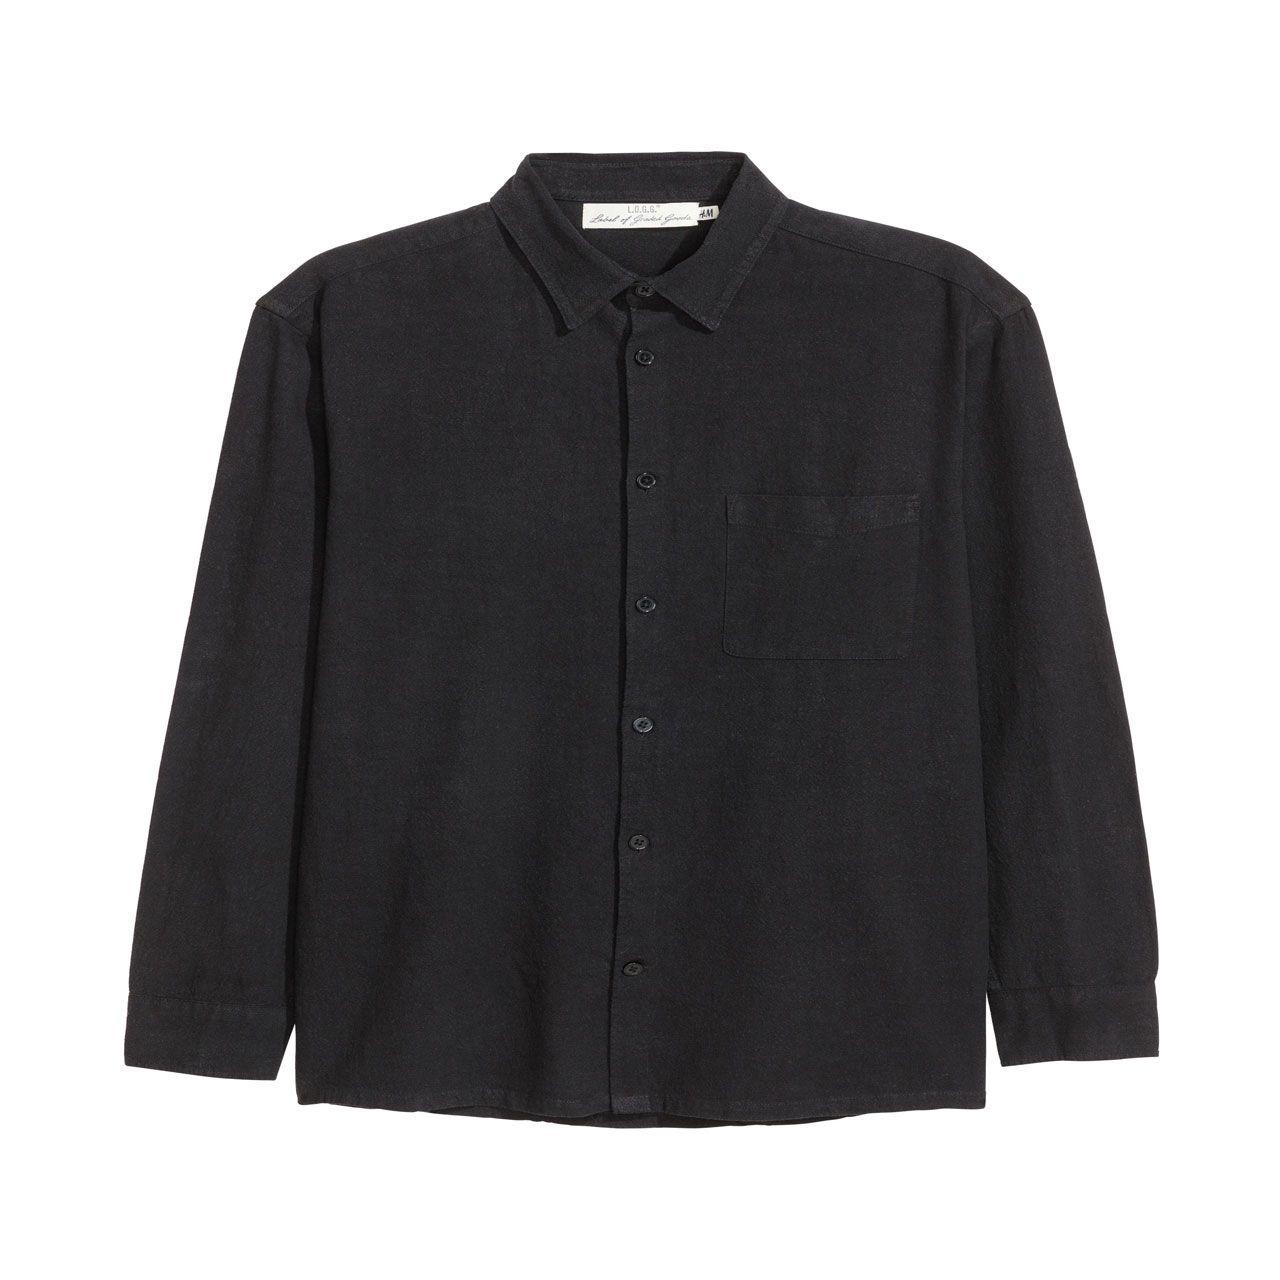 پیراهن مردانه اچ اند ام کد 2211 -  - 2